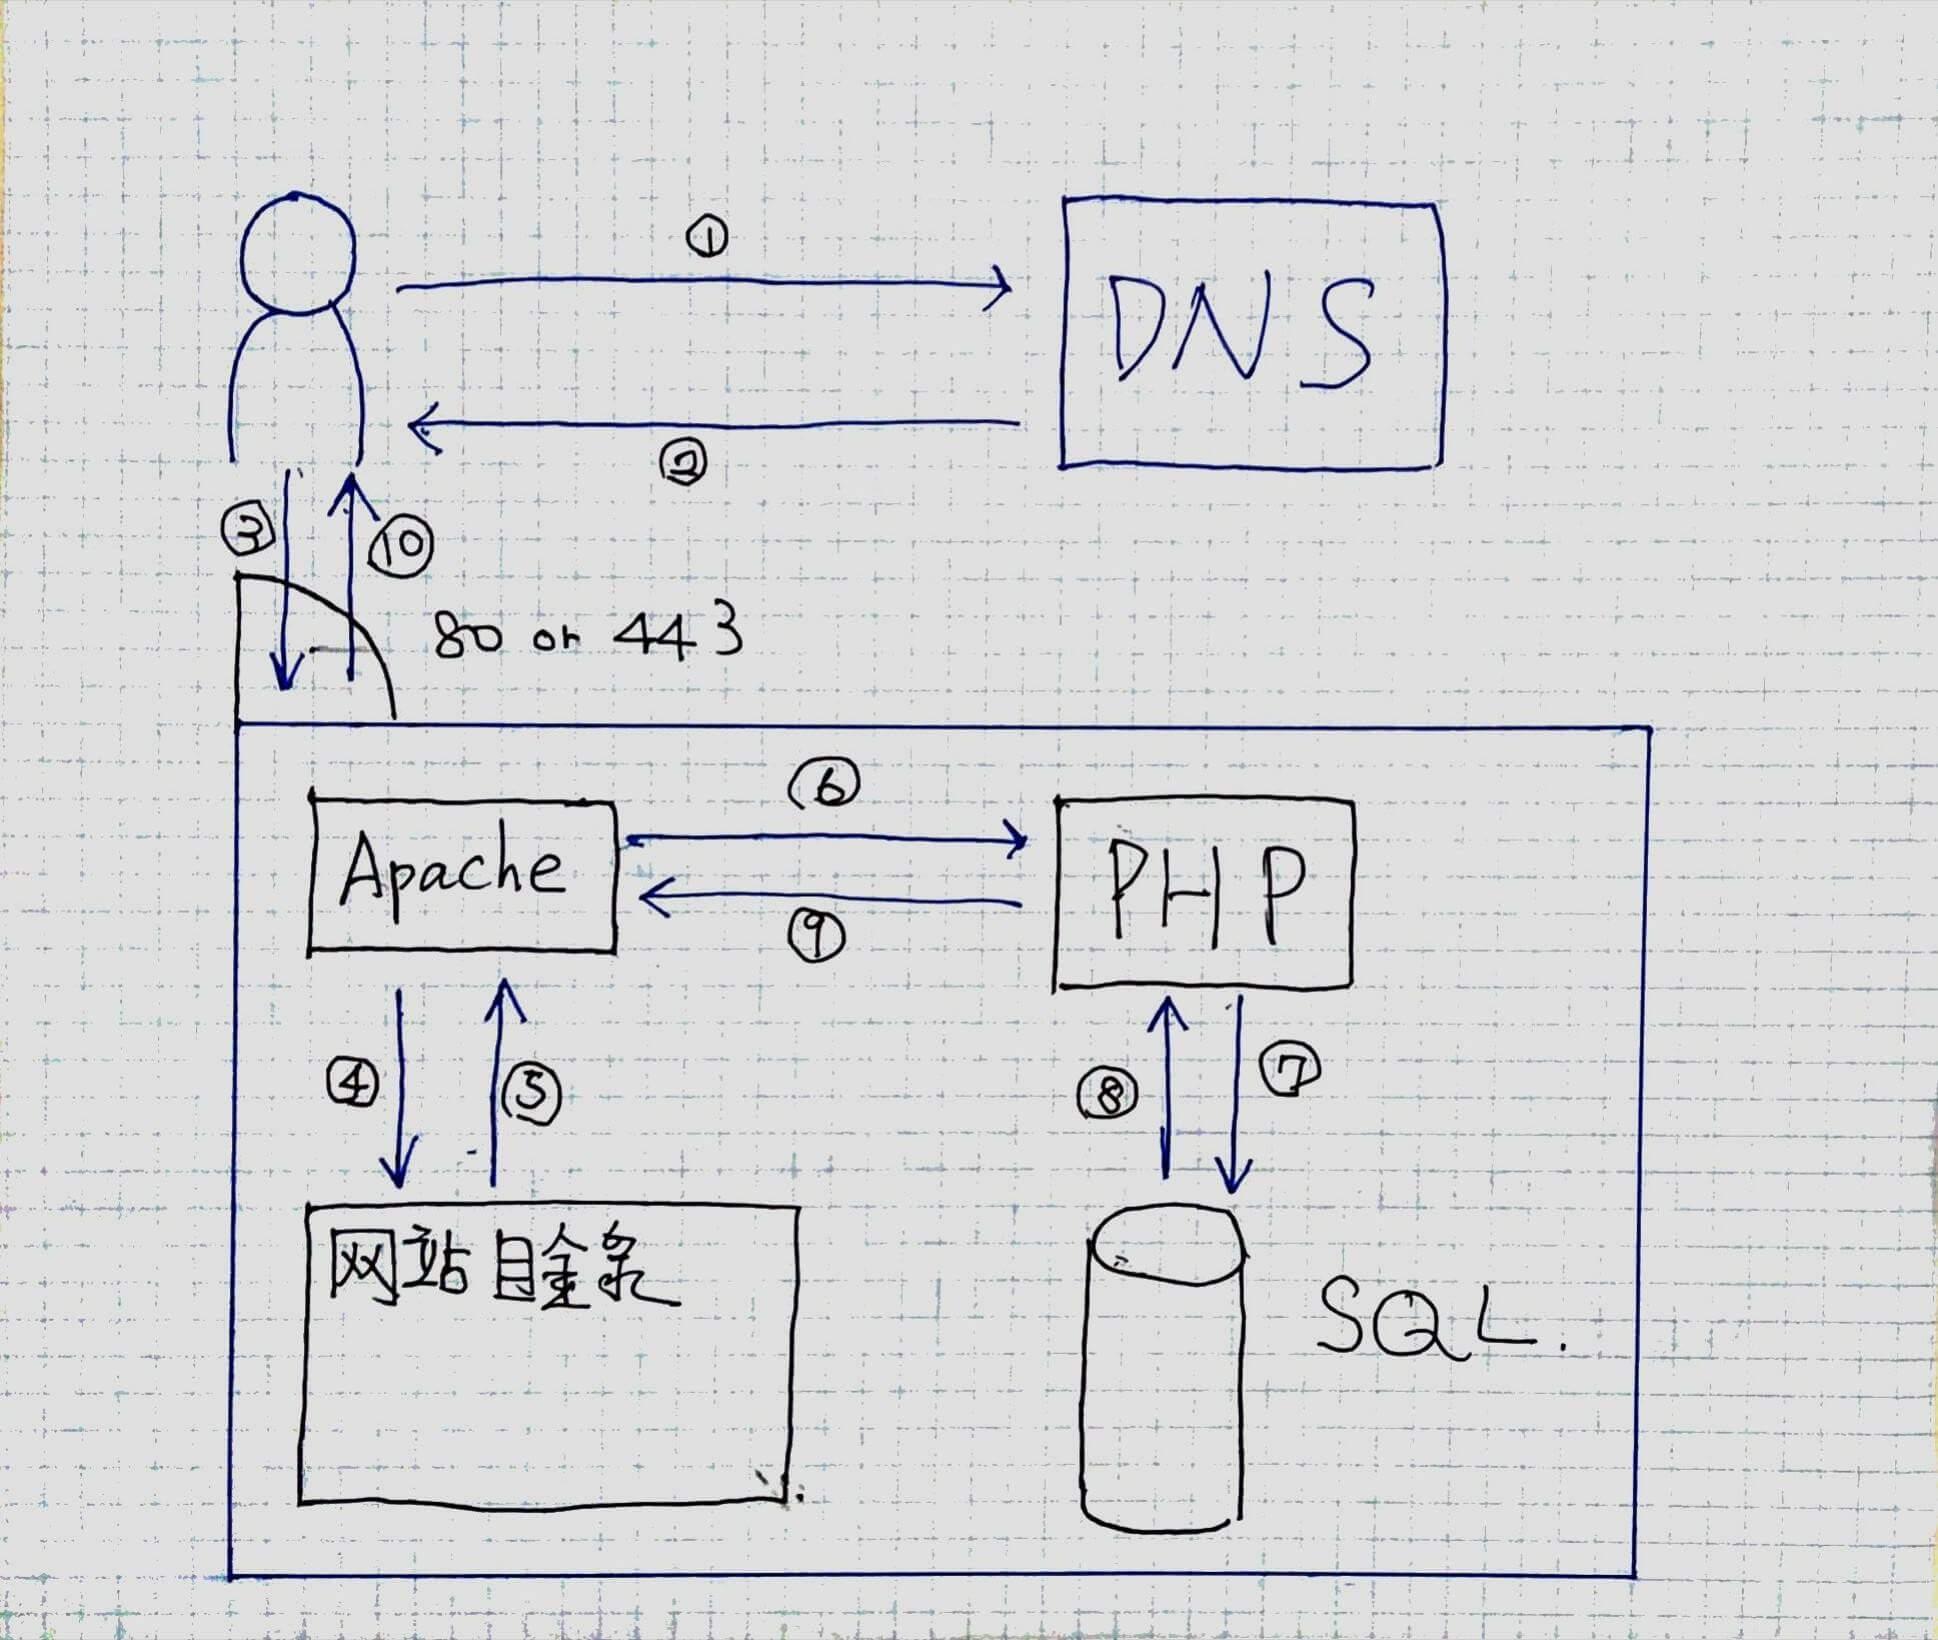 Http伺服器的架構圖